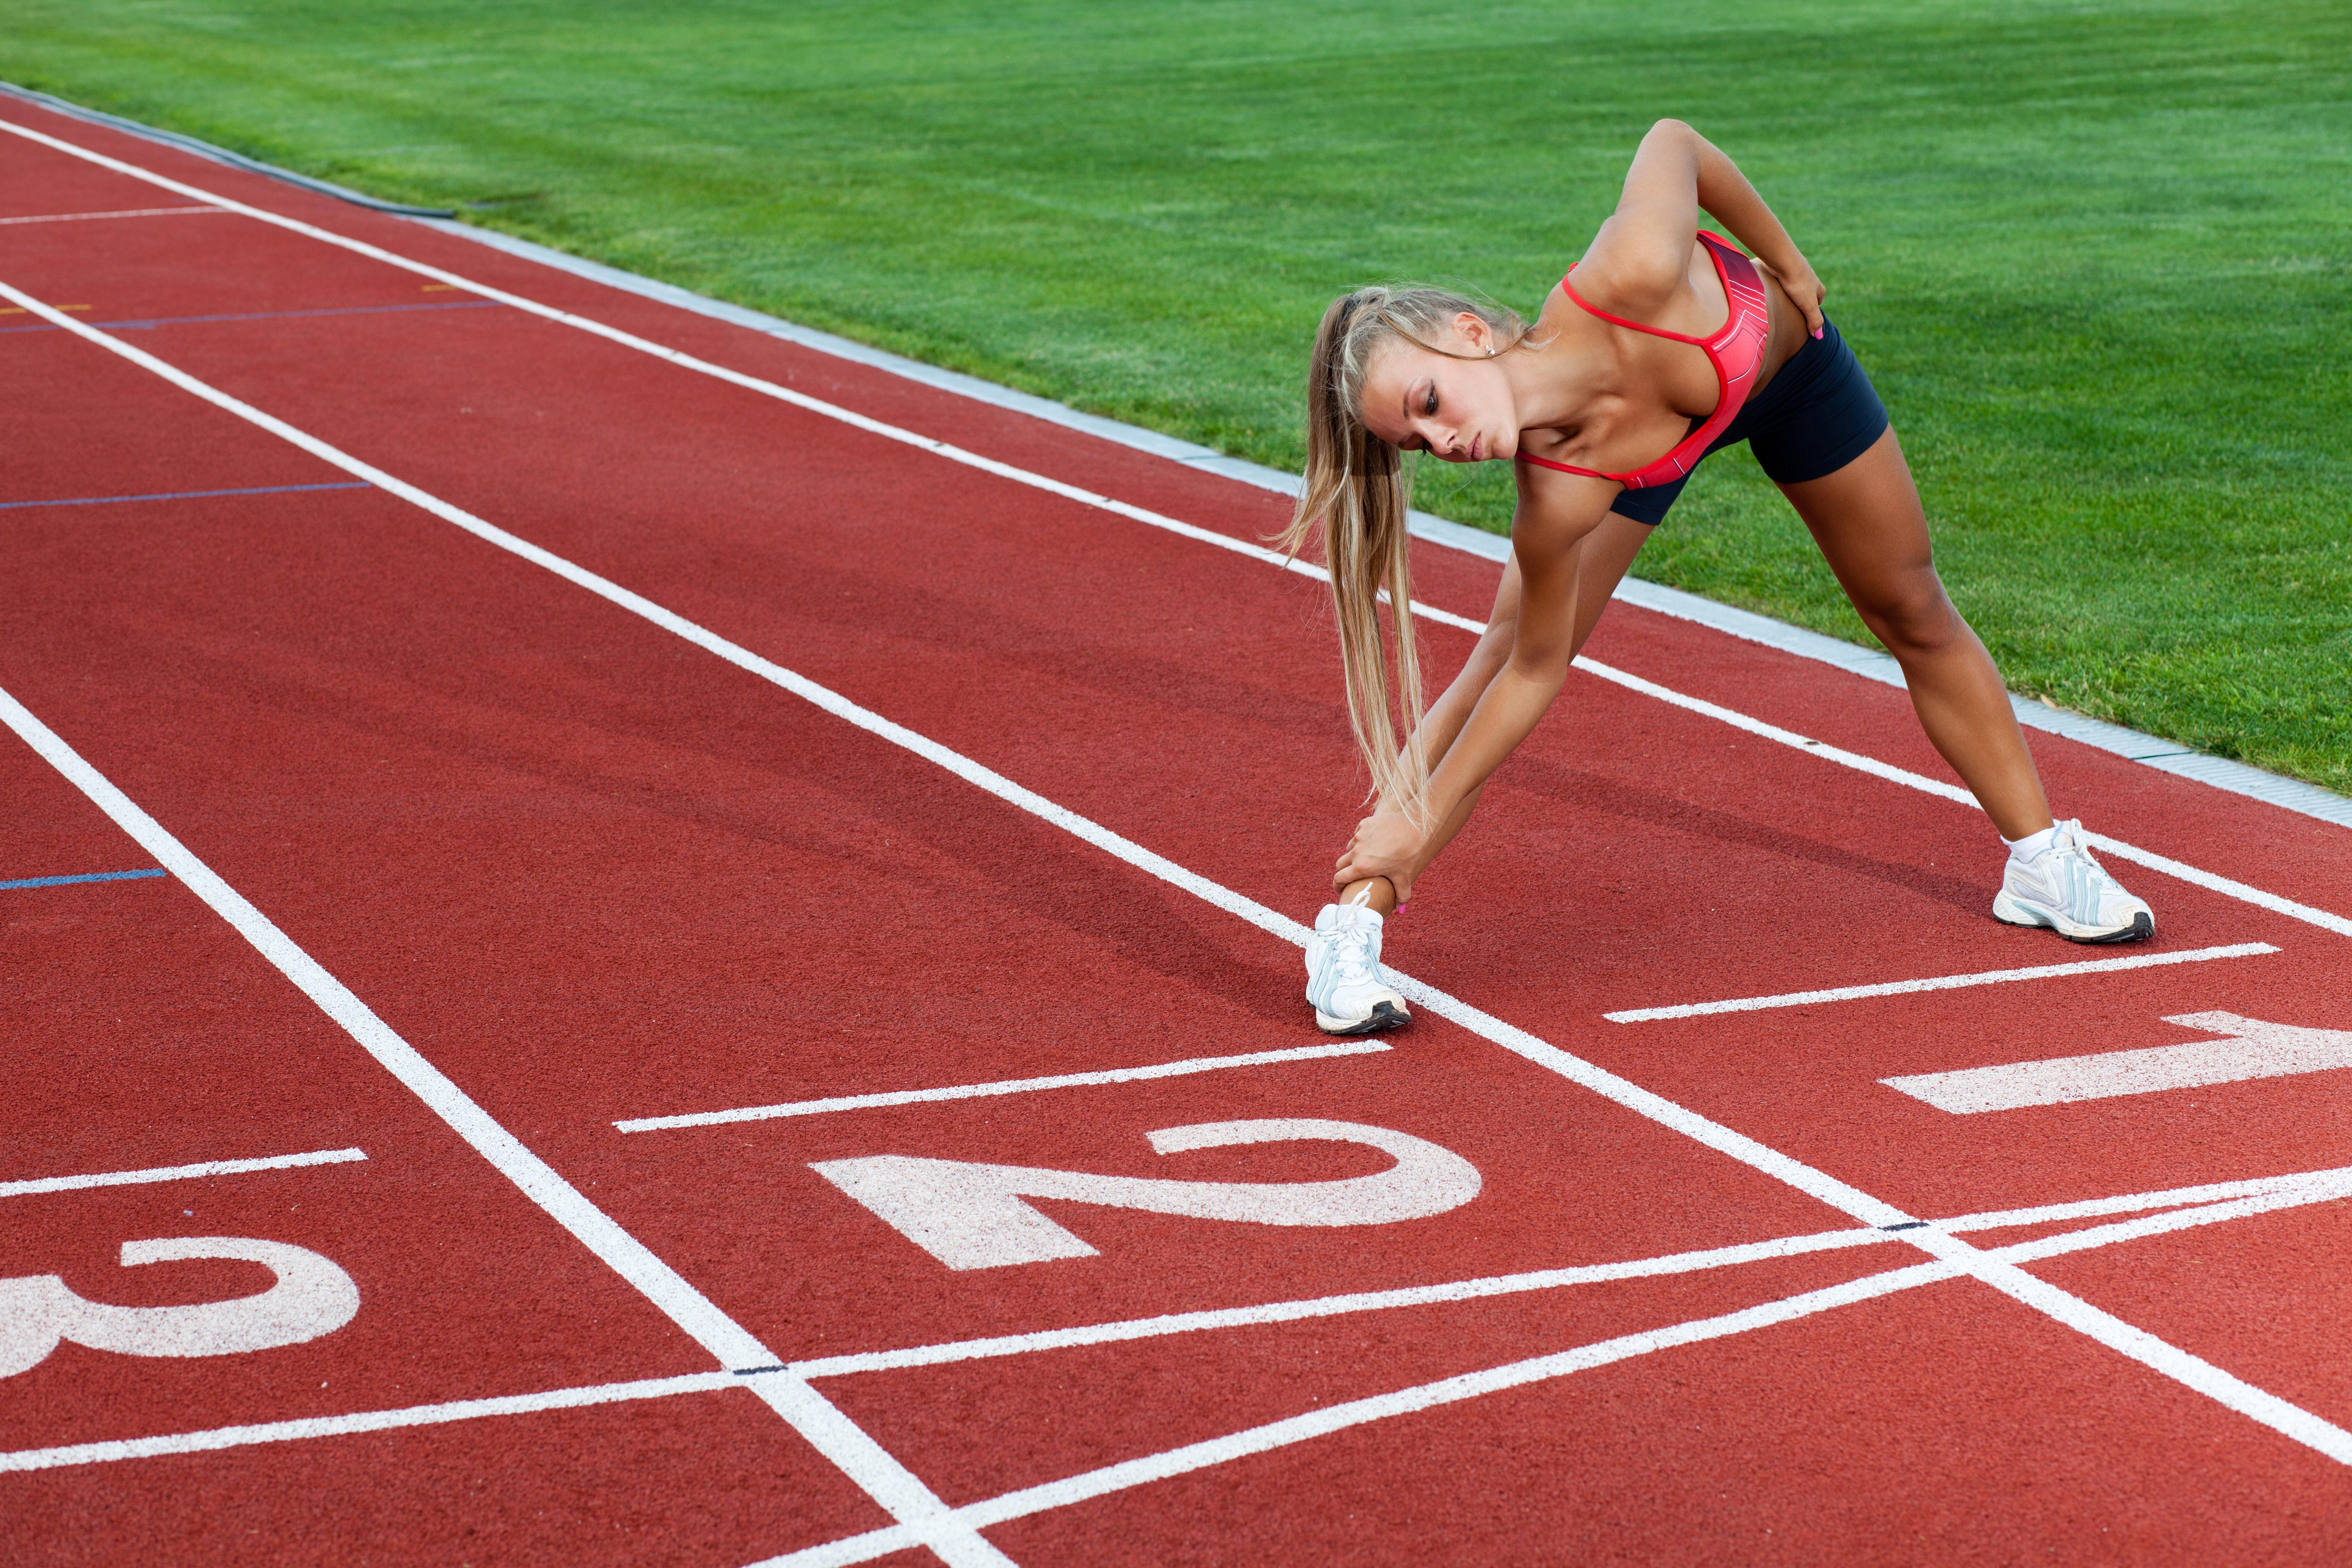 Девушка спортсменка разминка  № 3304948 загрузить